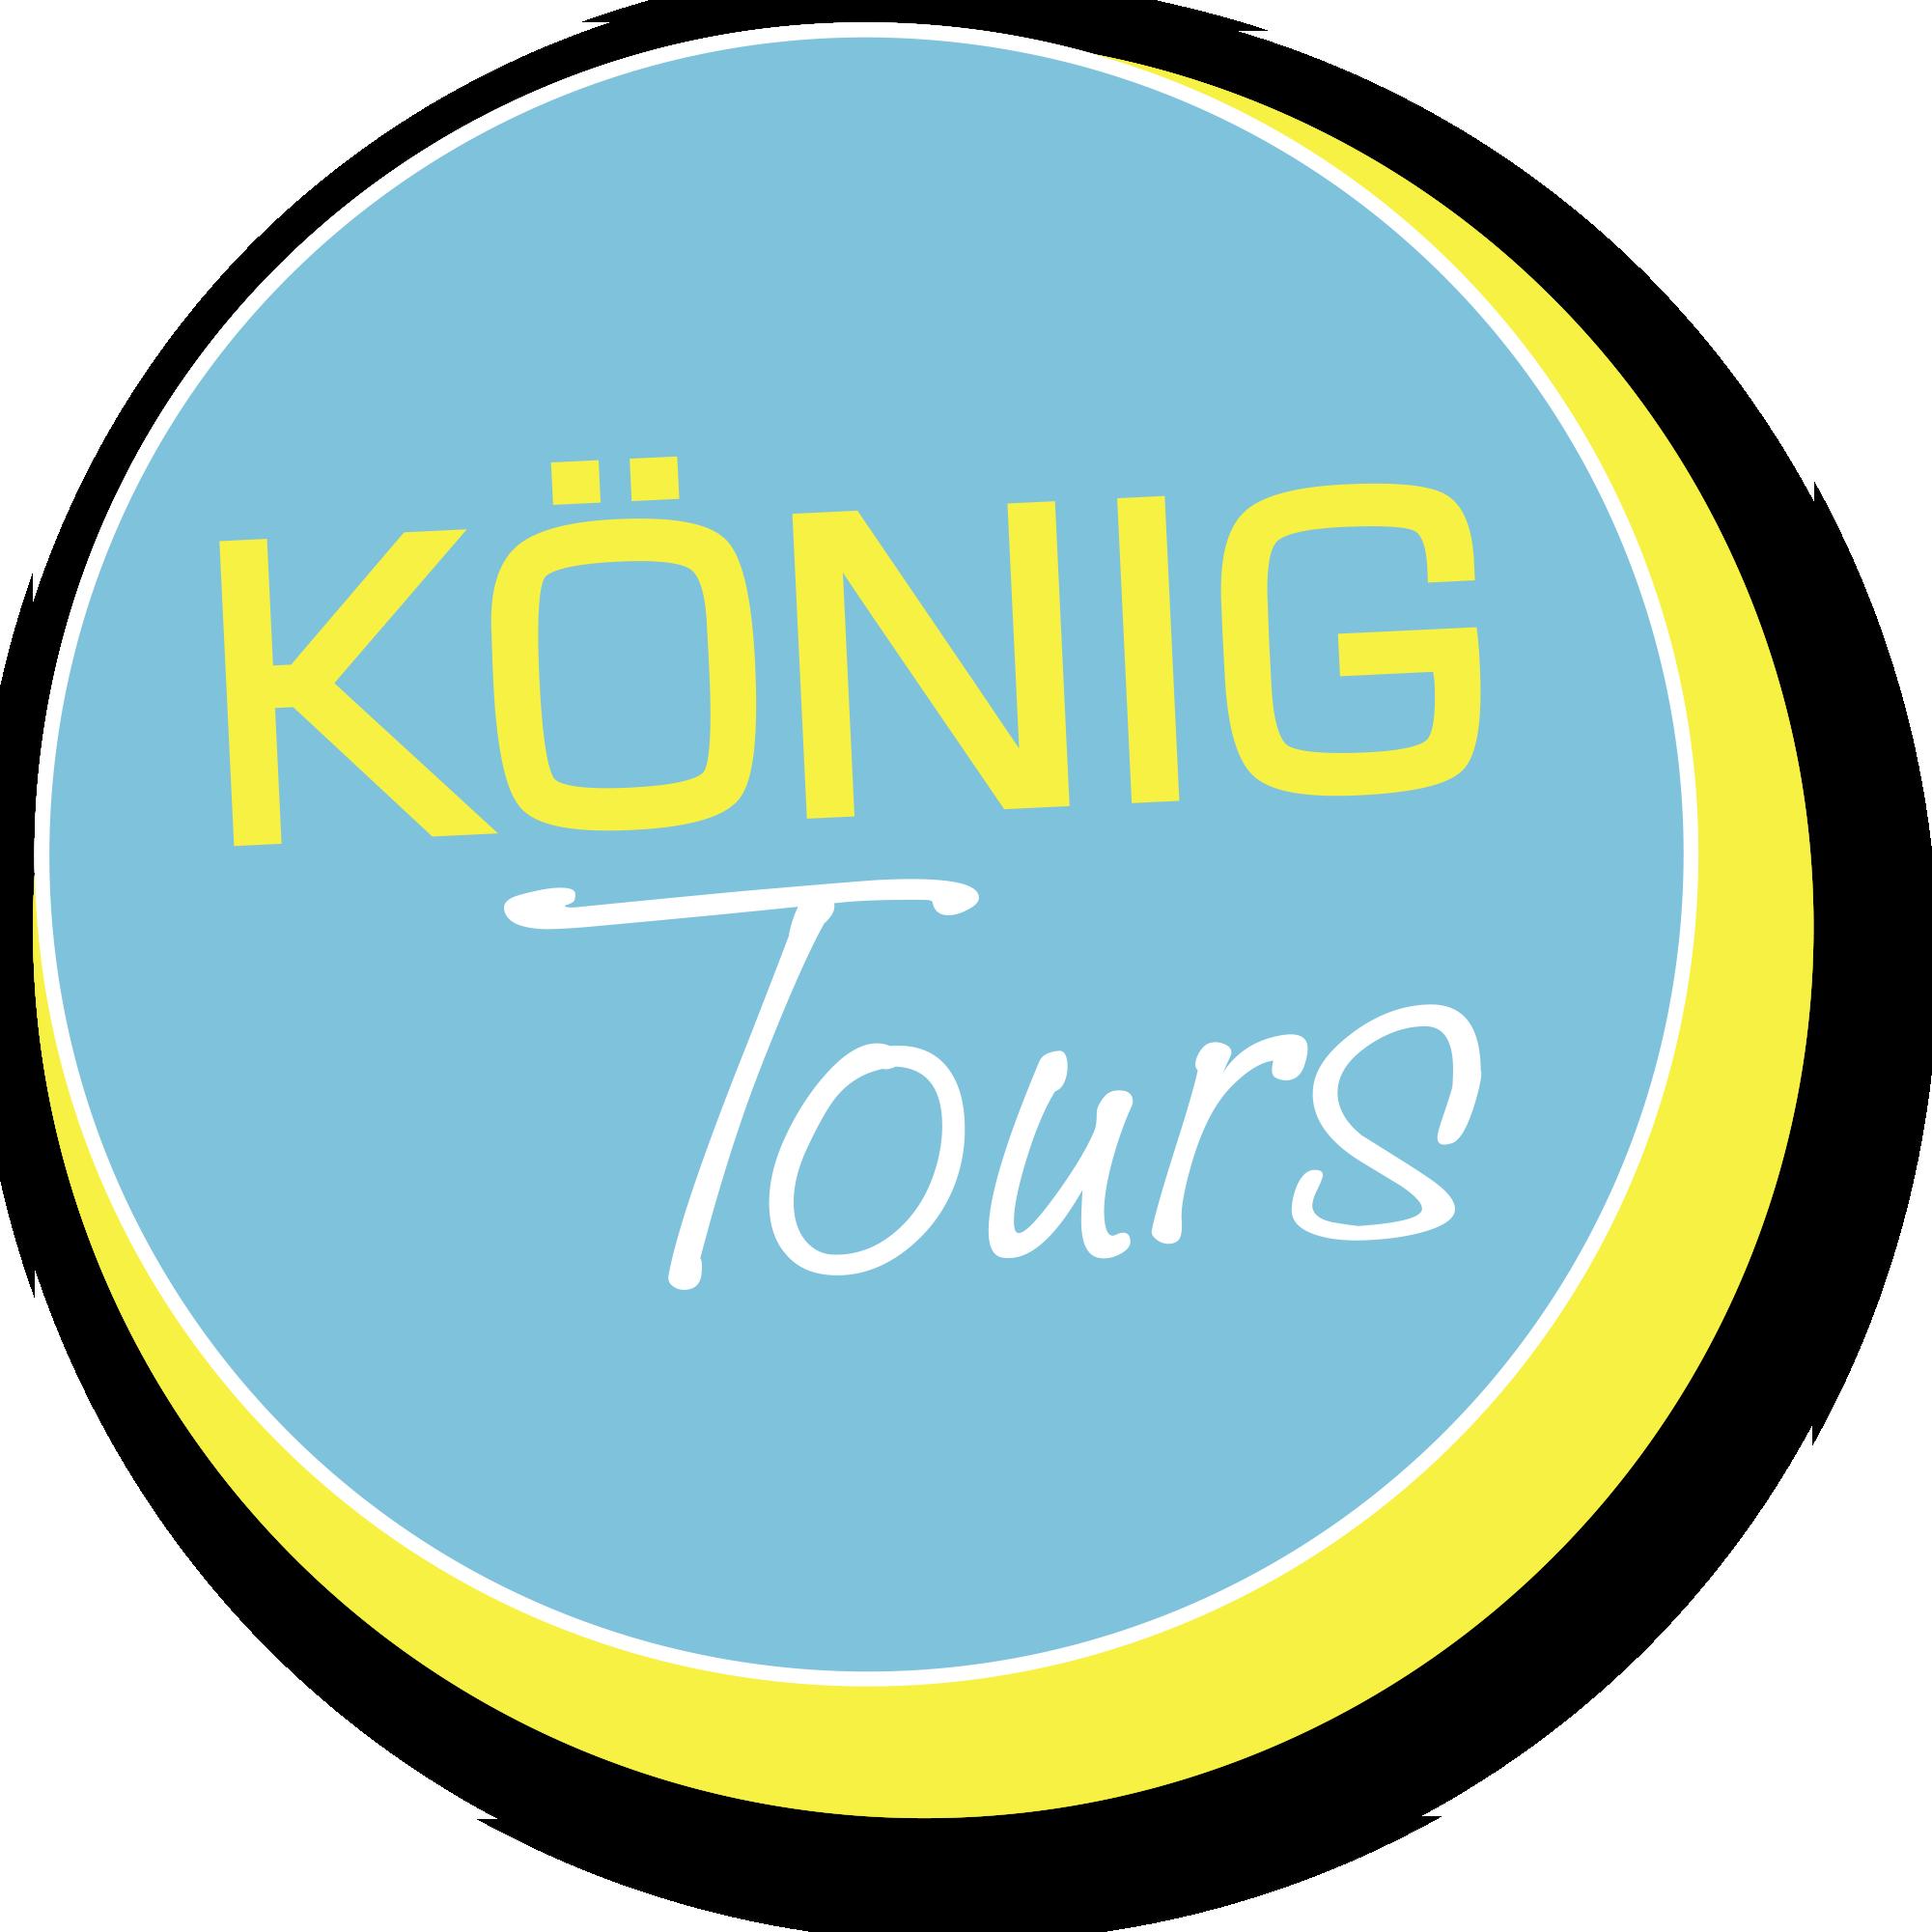 Bewertungen von König Tours GmbH / Visum-Service | Kundenbewertungen ...